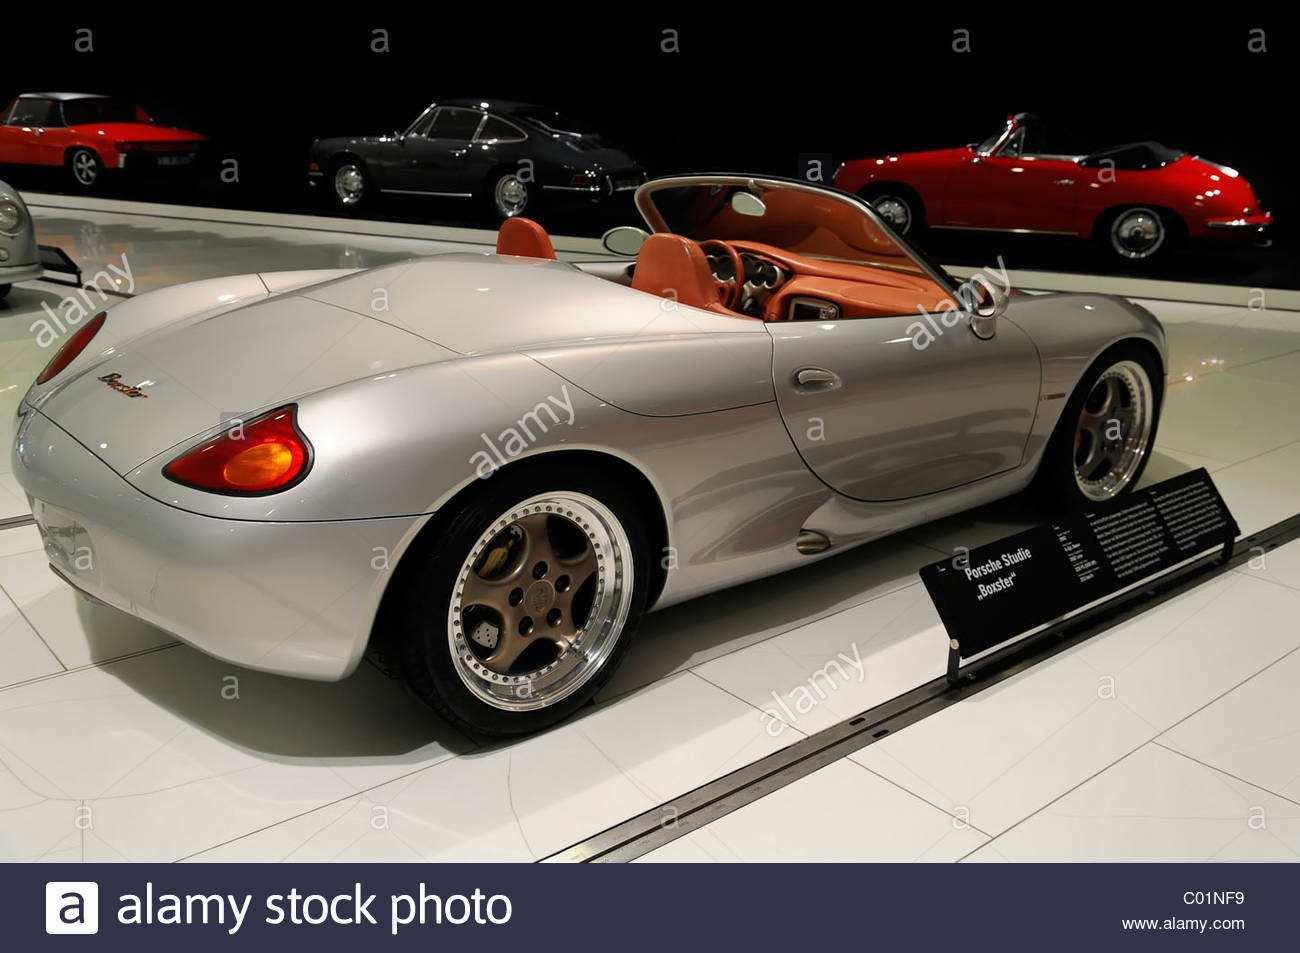 37 Concept of Porsche Boxster Concept Pricing for Porsche Boxster Concept